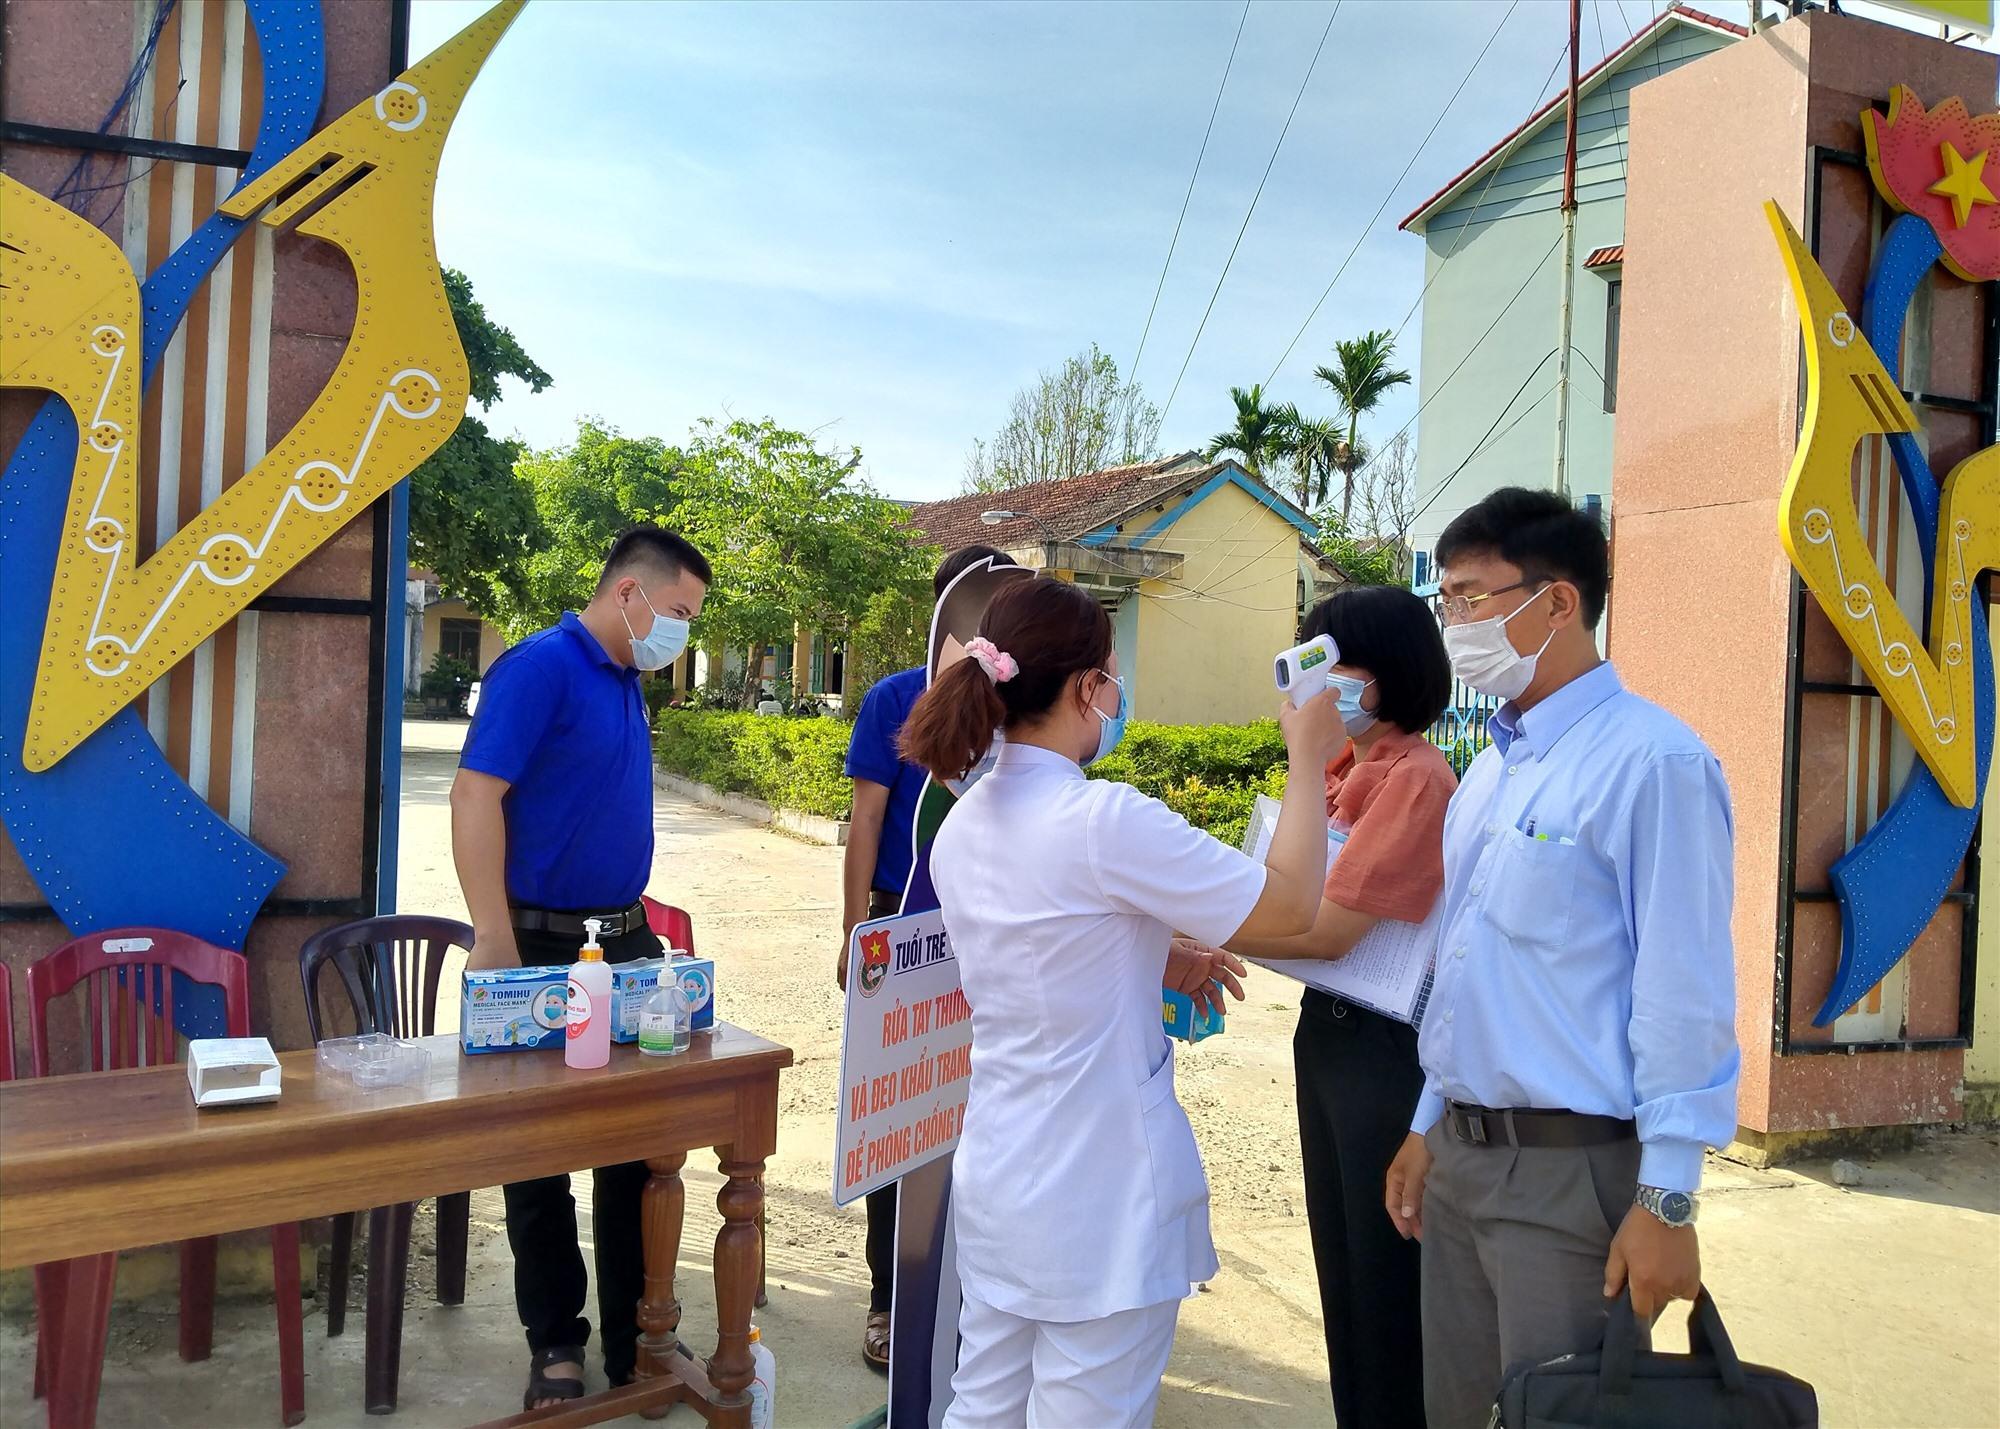 Kiểm tra đo thân nhiệt và rửa tay sát khẩu trước khi vào hội trường tiếp xúc cử tri với người ứng cử đại biểu HĐND tỉnh khóa X. Ảnh: N.Đ